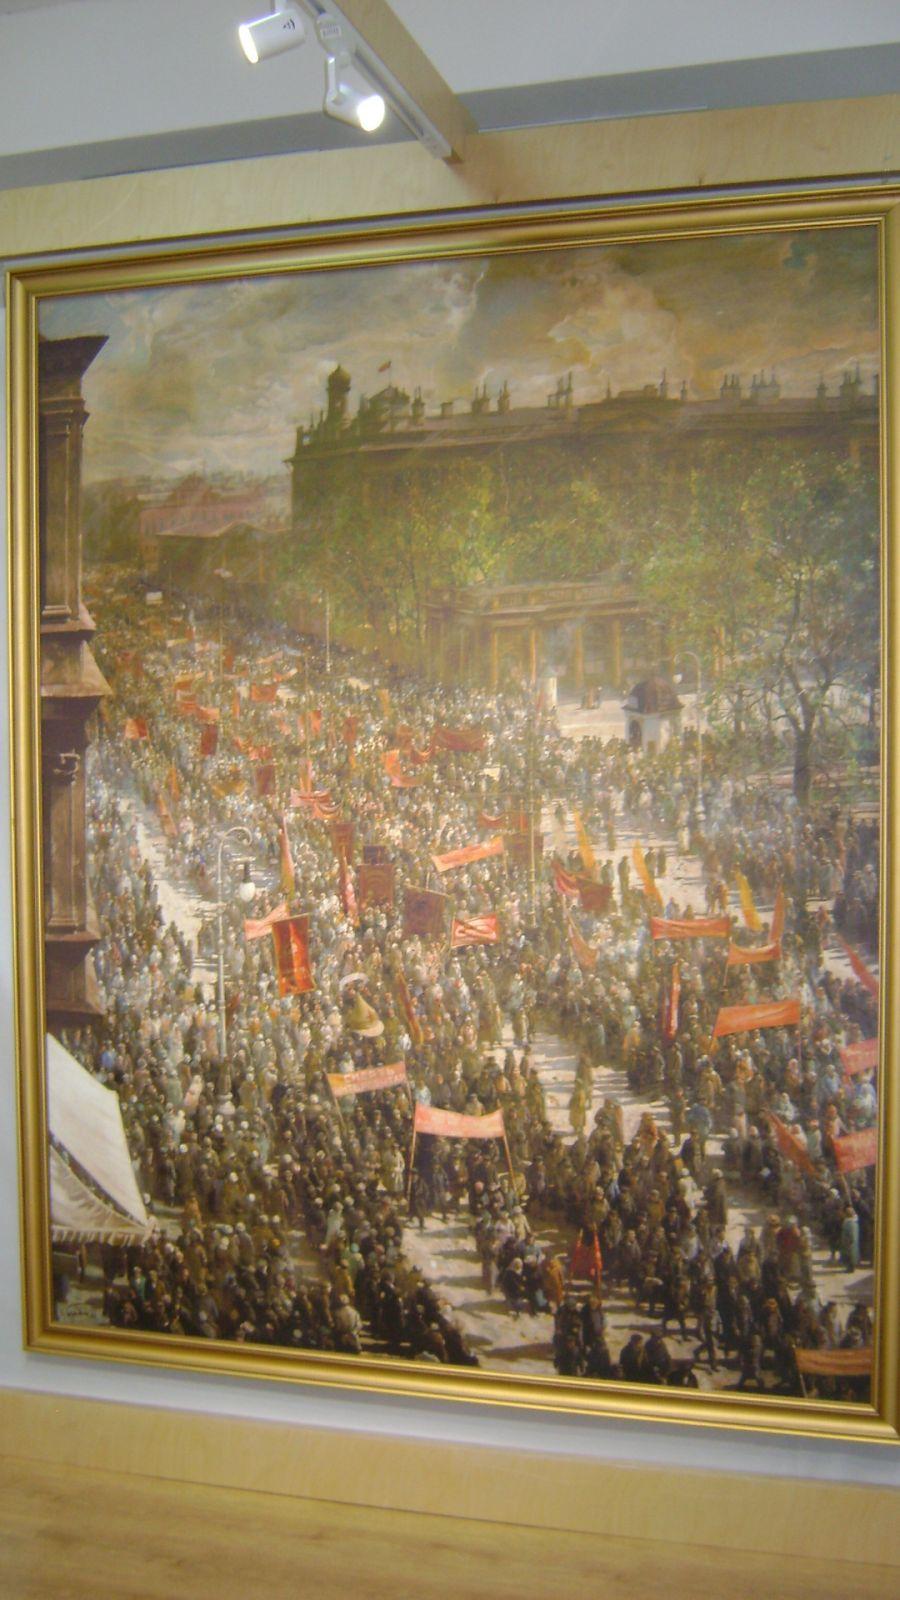 «Первомайская демонстрация на проспекте 23 октября» Исаака Бродского напоминает фотографию времени.